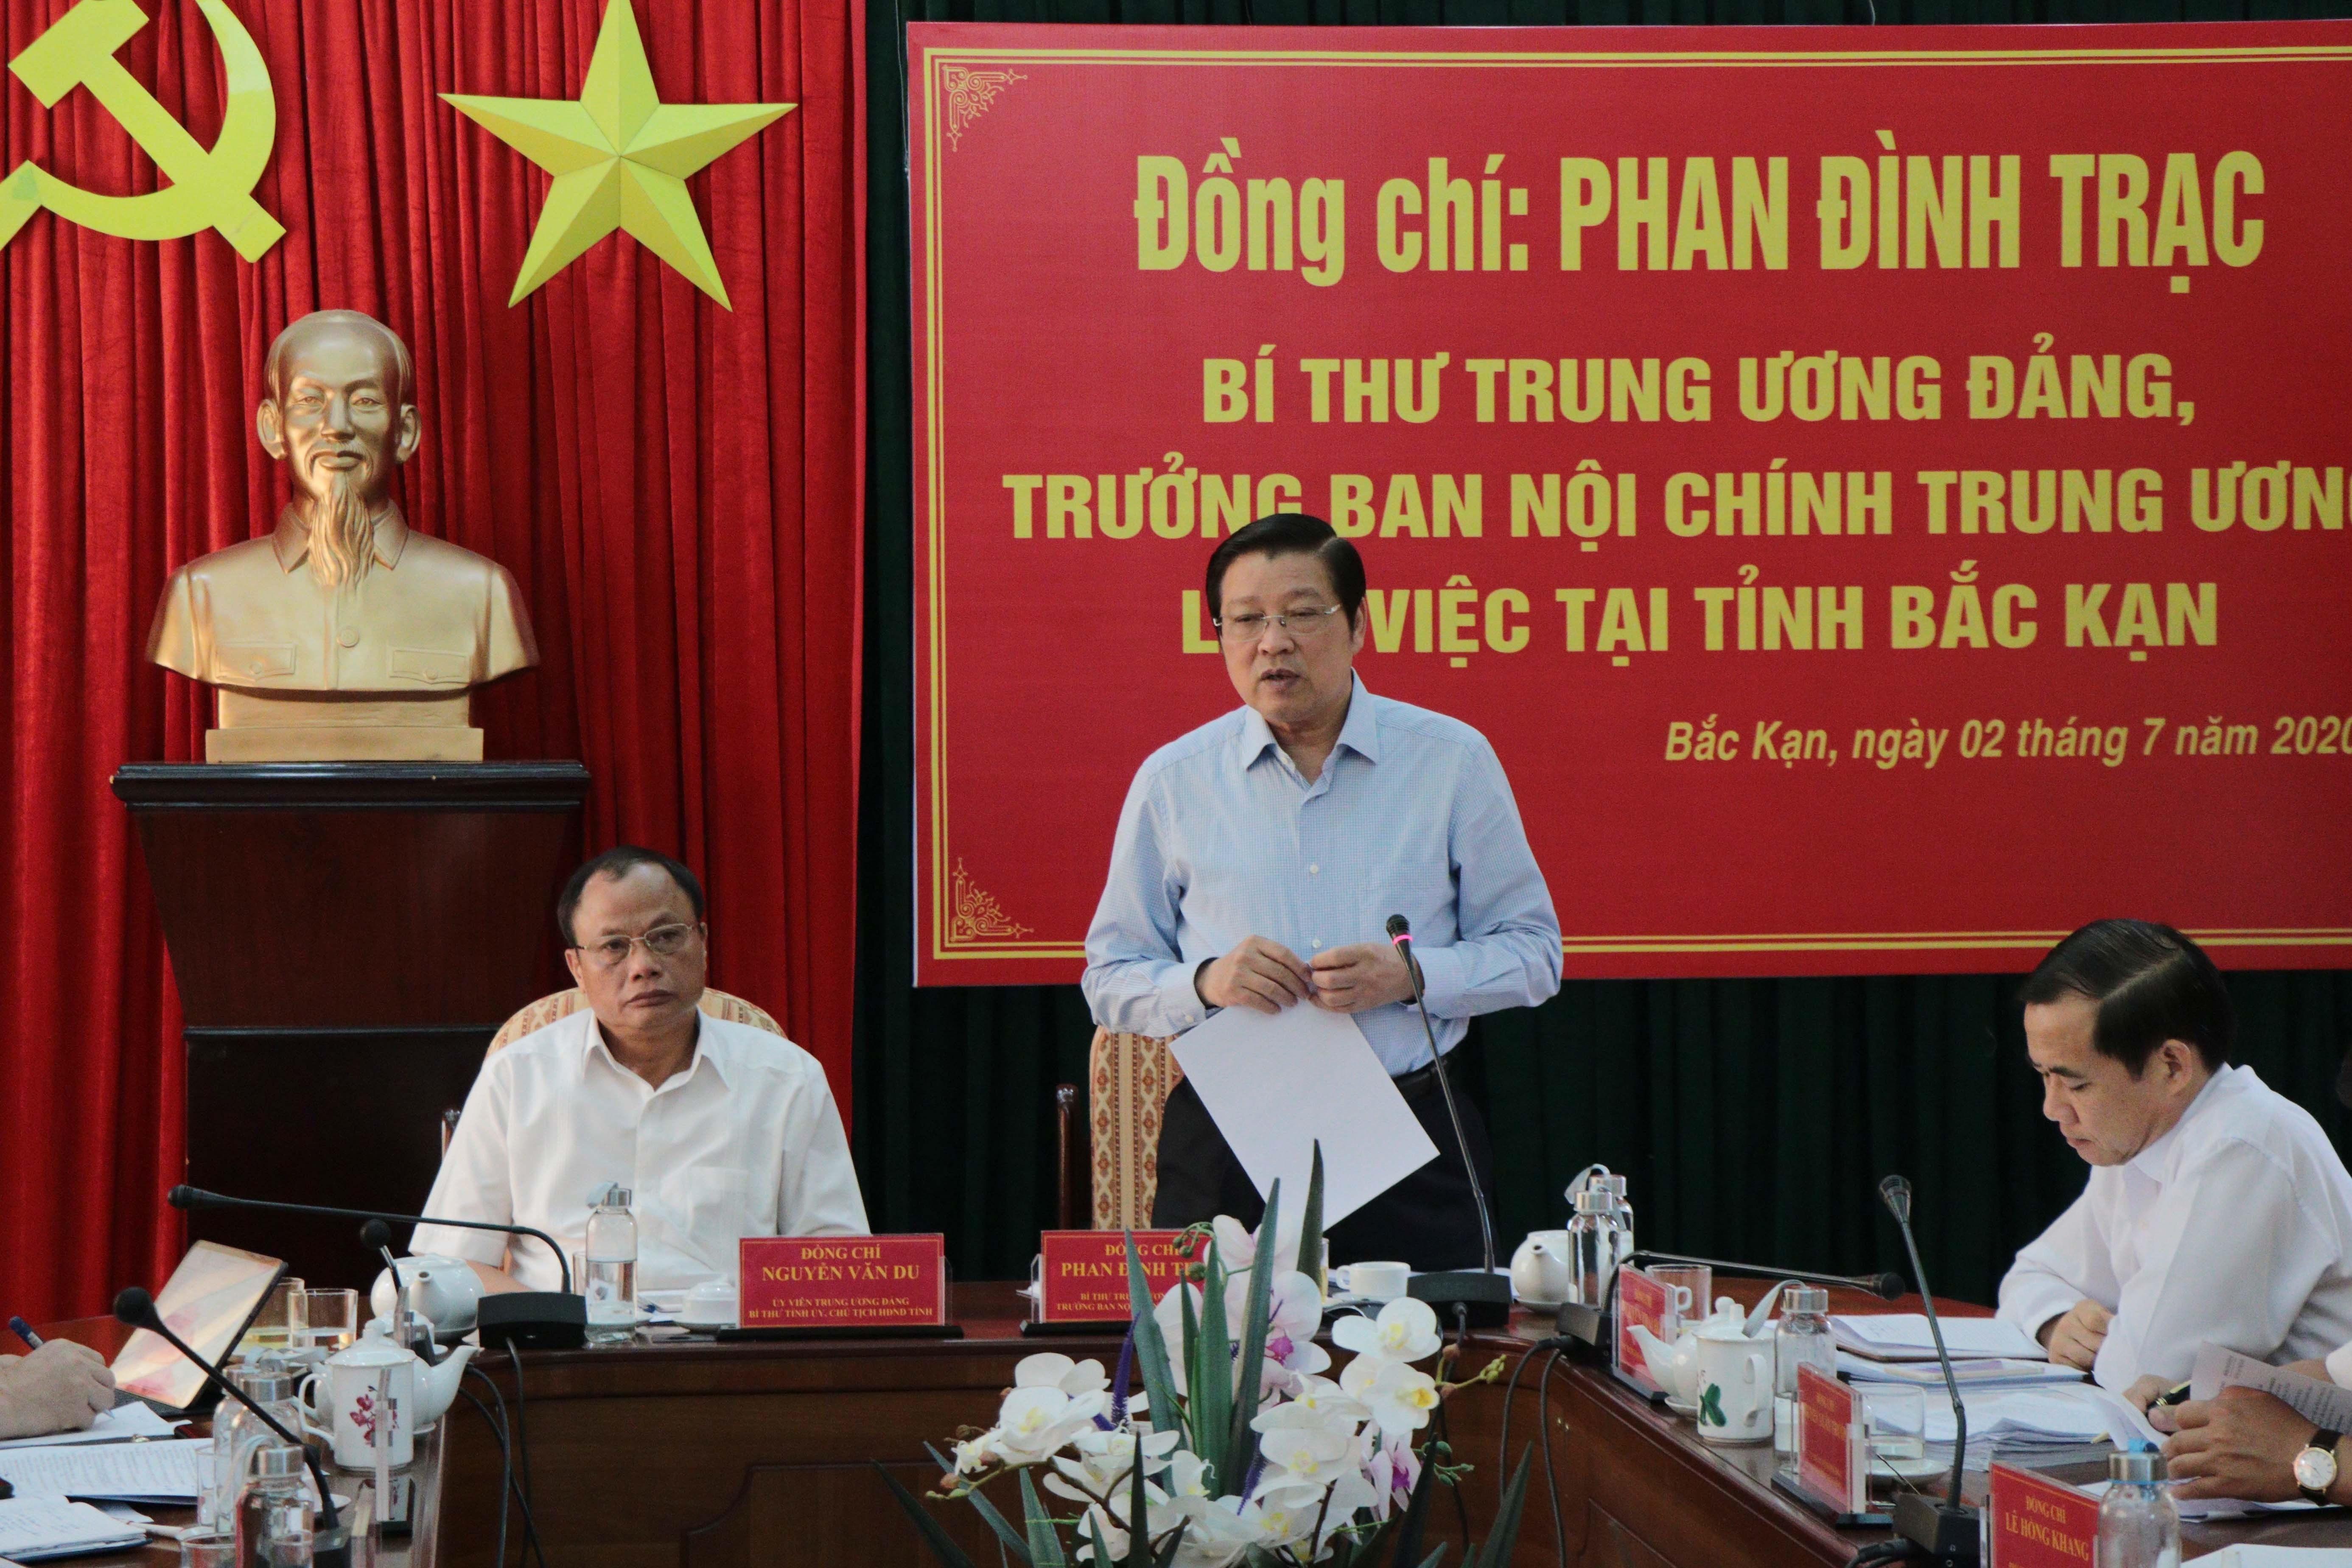 Truong ban Noi chinh TW lam viec voi Bac Kan ve Dai hoi Dang cac cap hinh anh 1